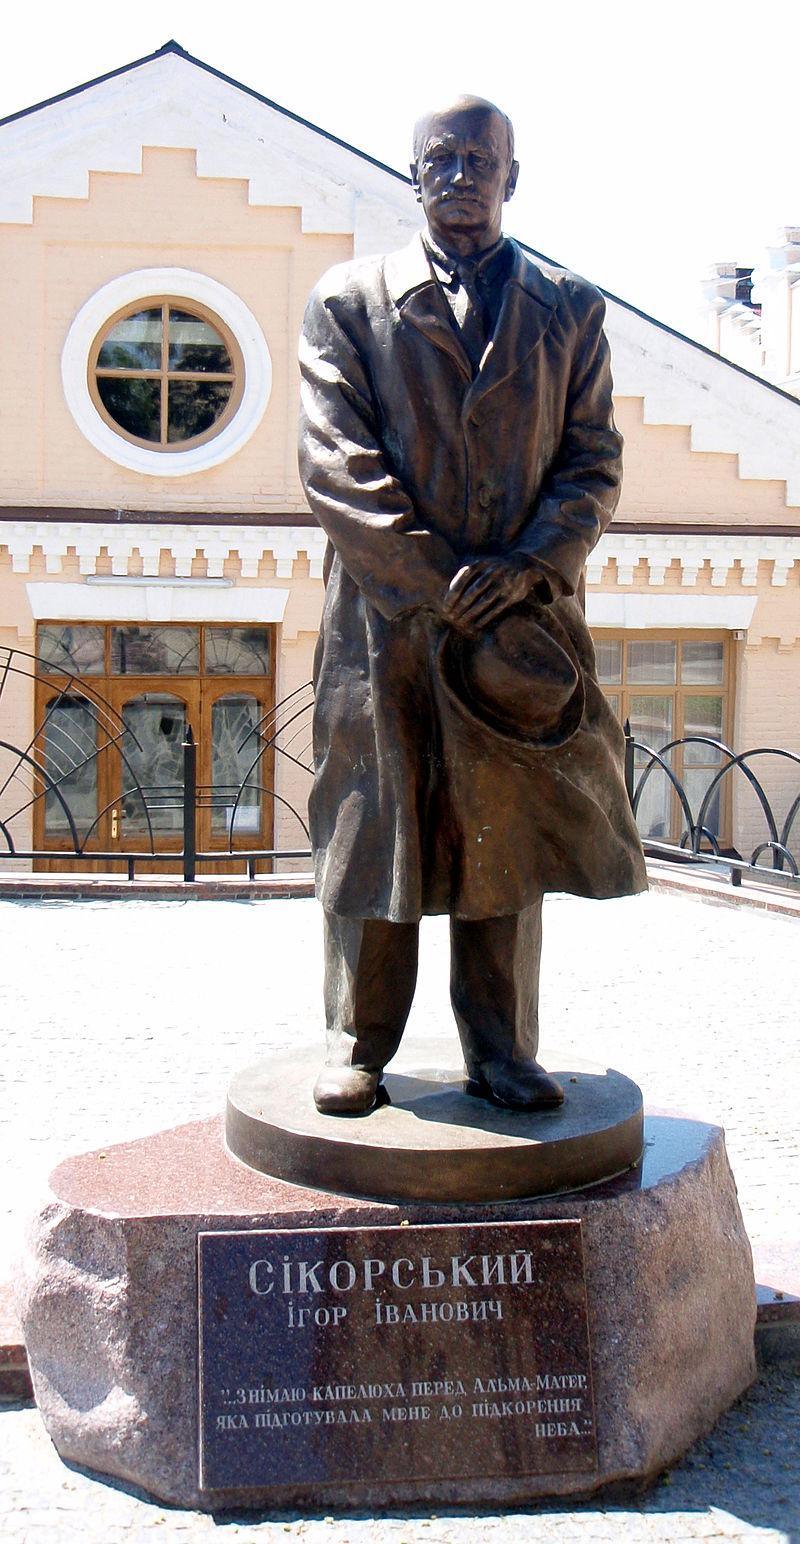 Памятник И. И. Сикорскому в Киеве, на кампусе НТУУ «КПИ»